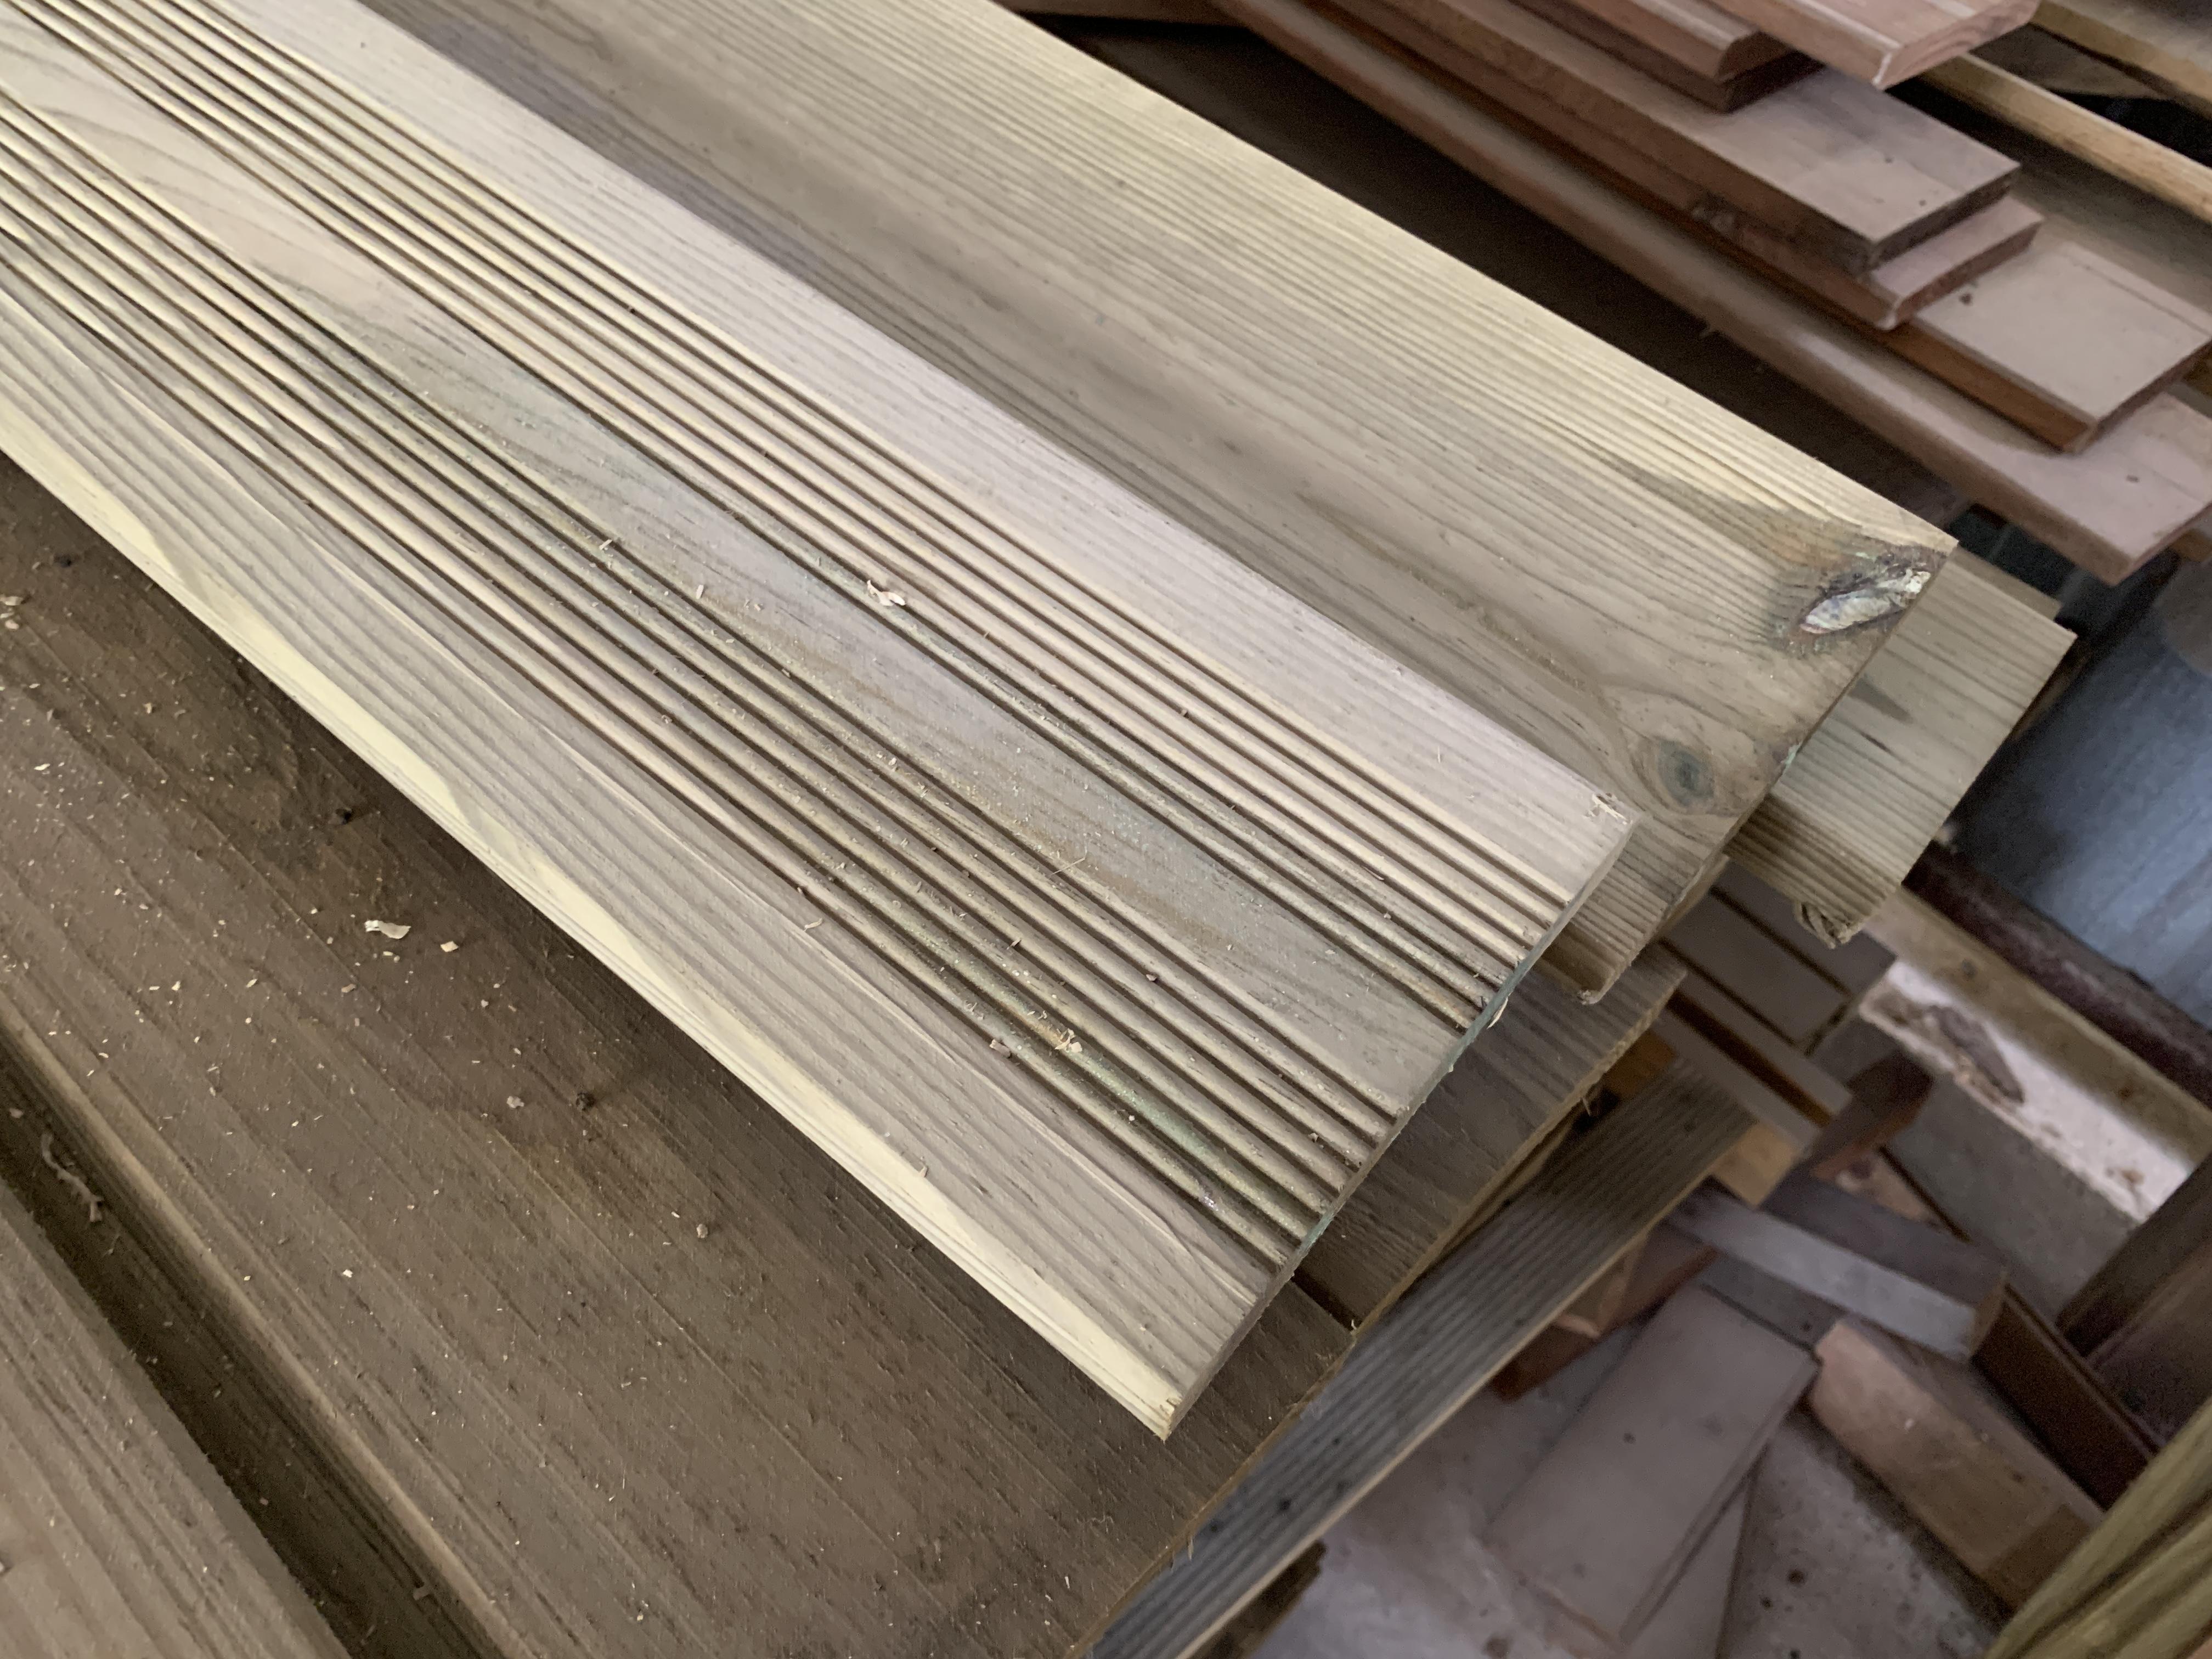 Lames De Terrasse Bois lame terrasse bois autoclave l. 2,40 m selection huchet